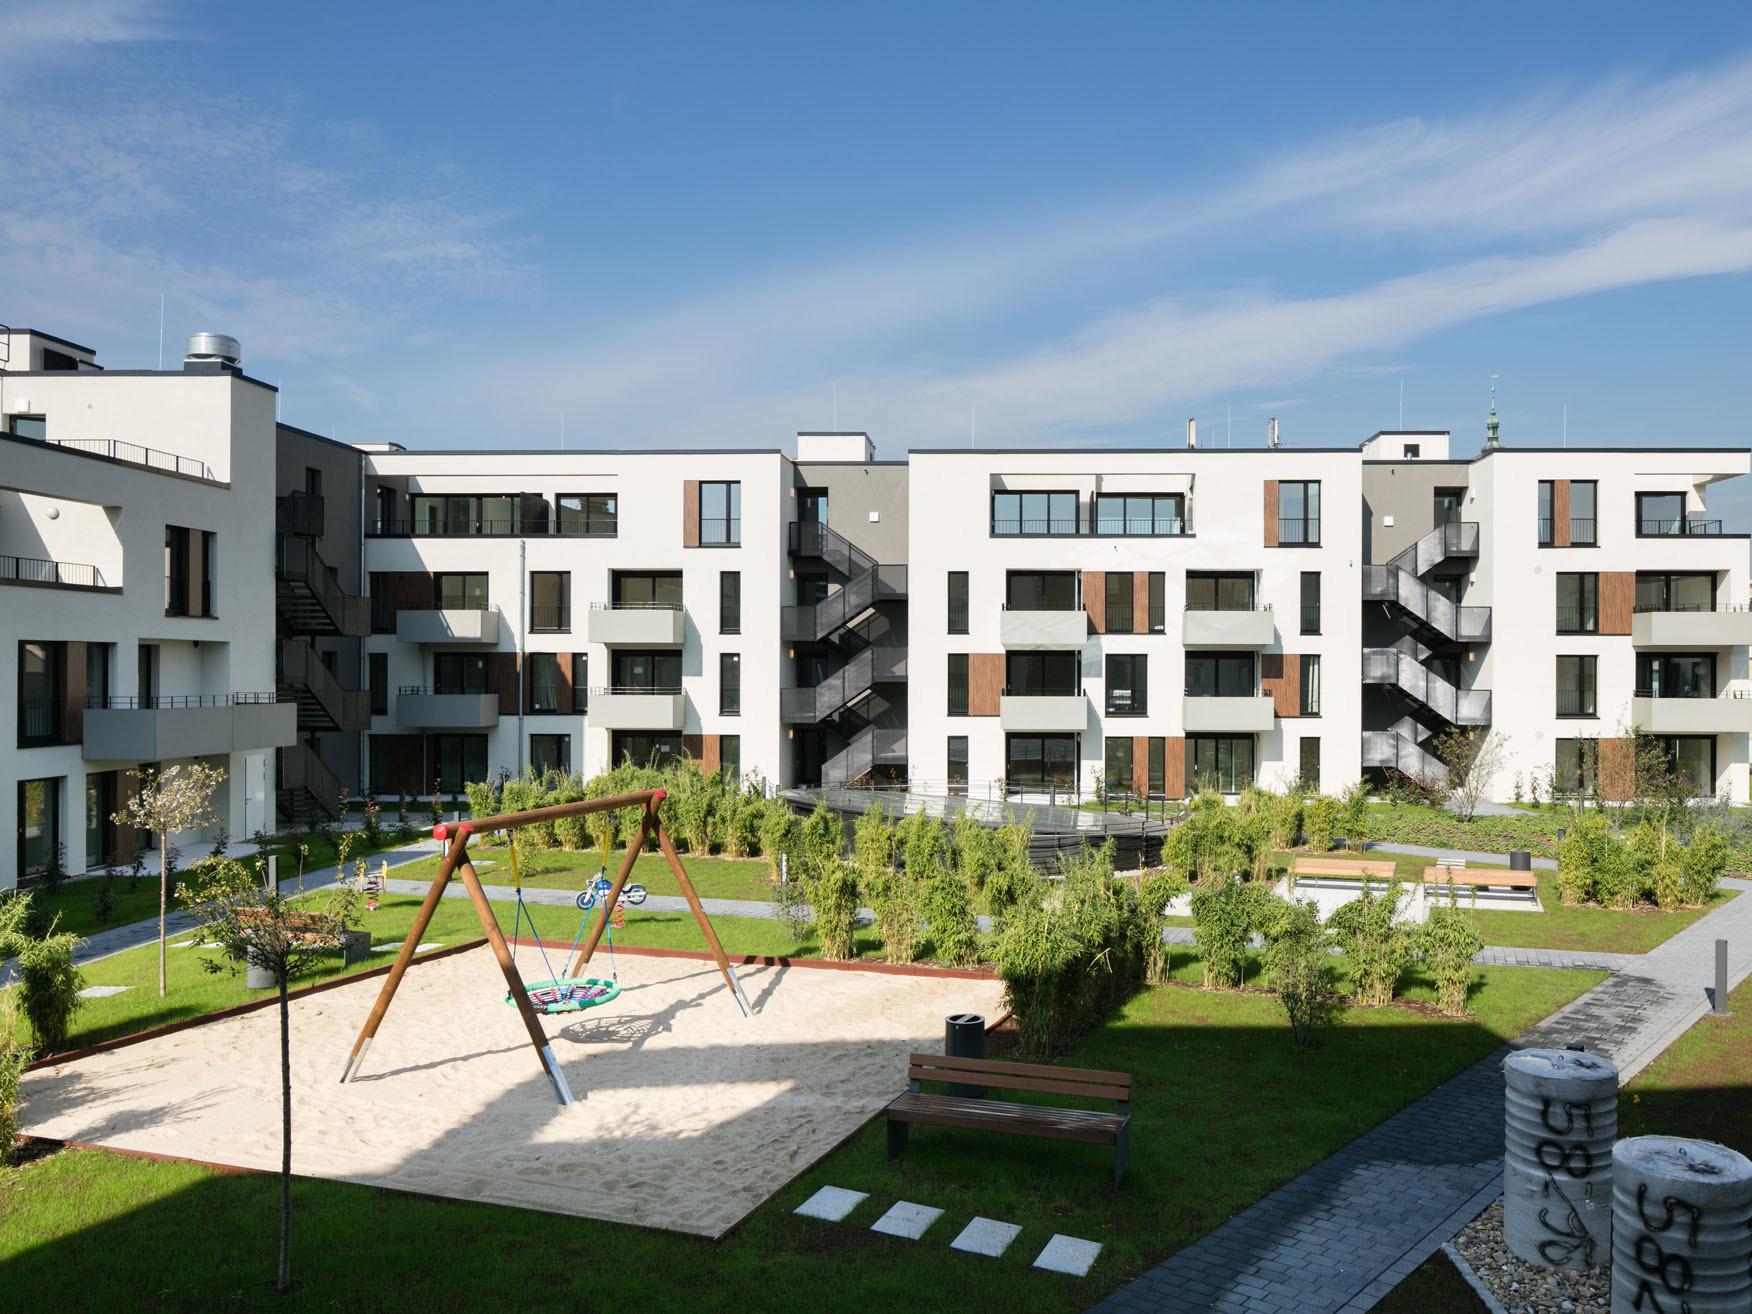 stadtquartier q6 q7 in mannheim flachdach wohnen. Black Bedroom Furniture Sets. Home Design Ideas